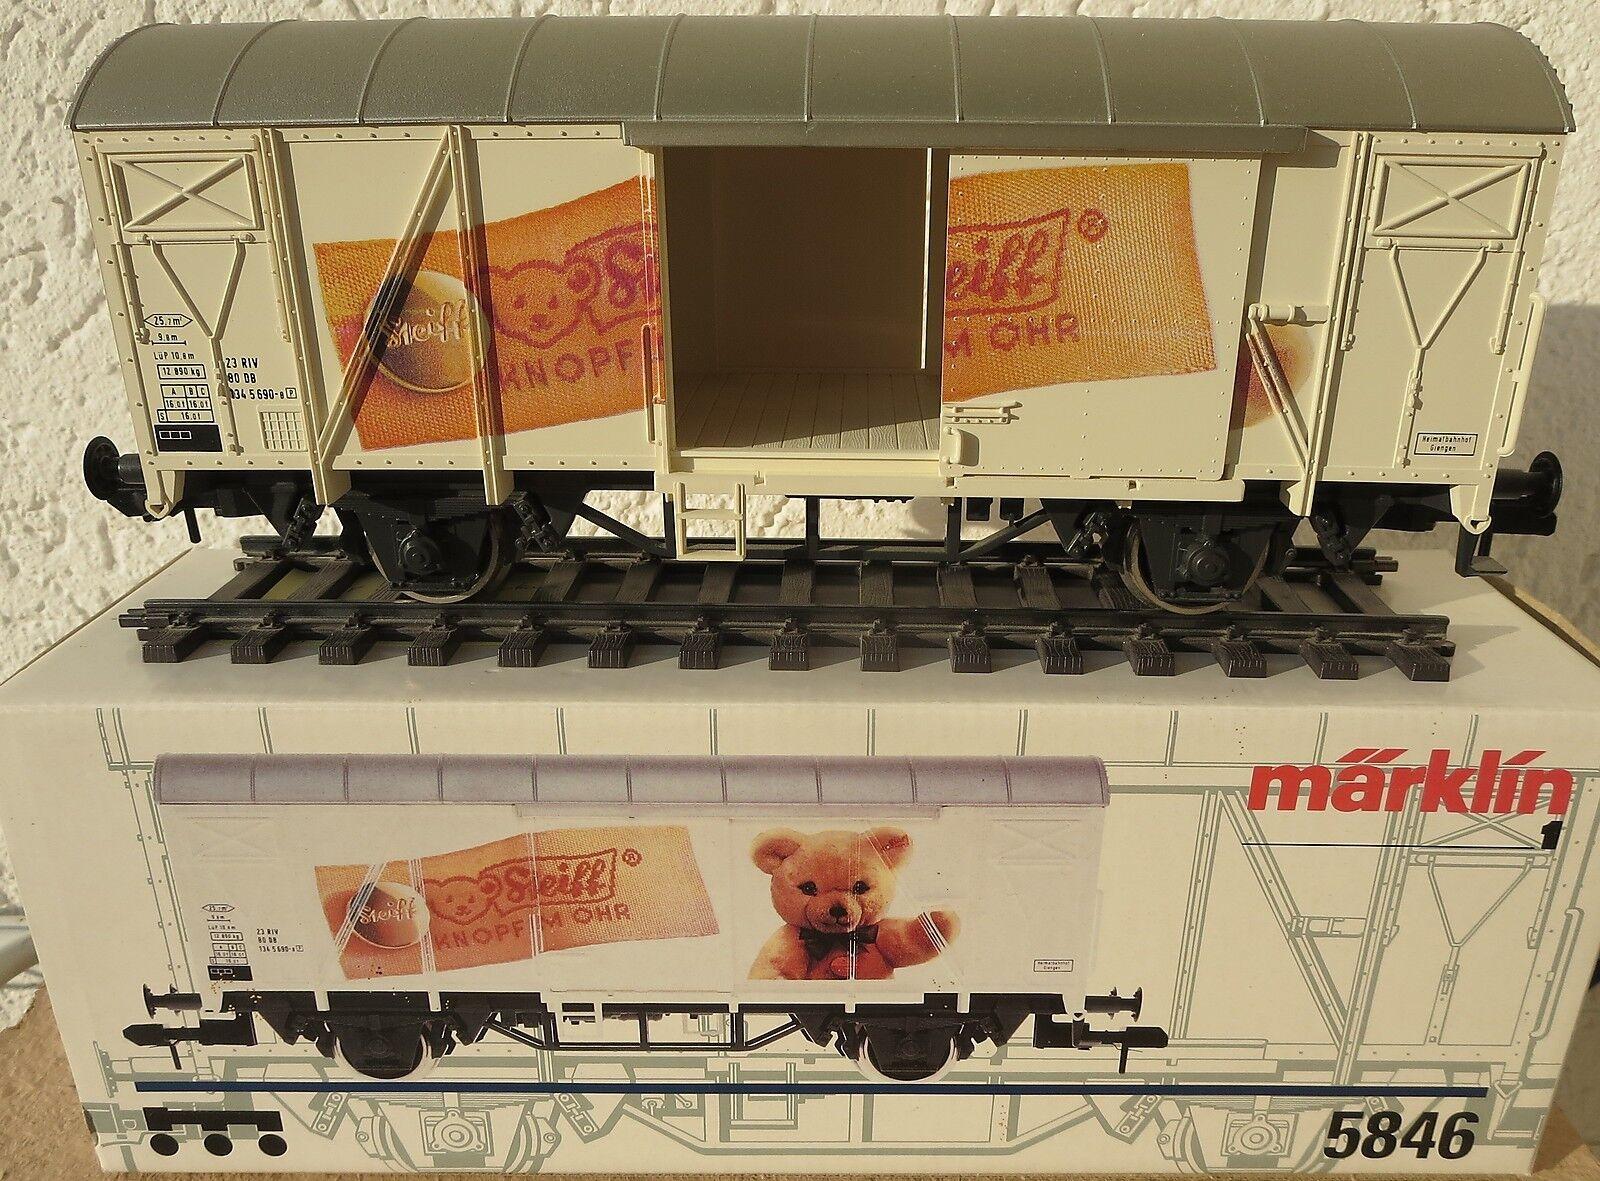 I249a Märklin 5846 Sonderwagen Steiff mit Karton  | Beliebte Beliebte Beliebte Empfehlung  7f63c0